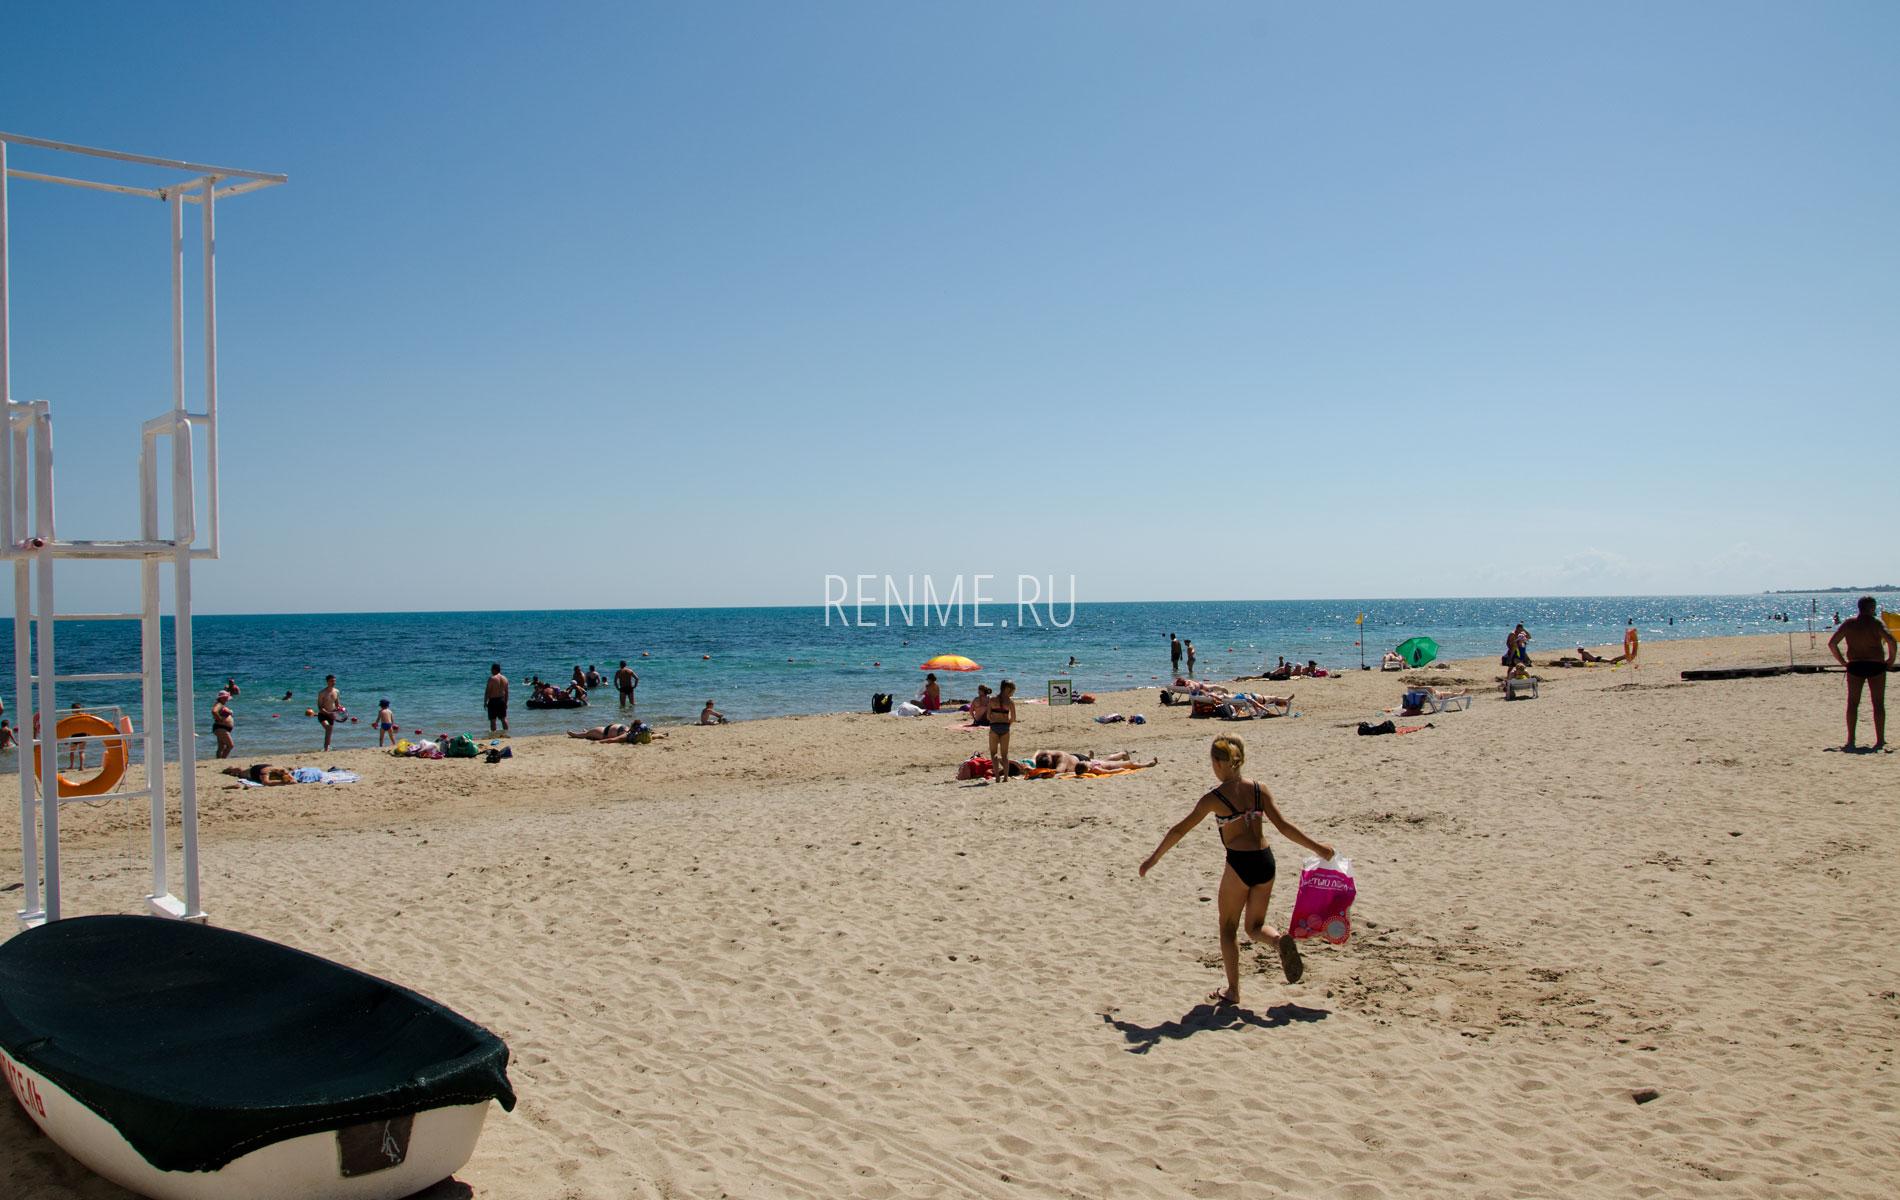 Лучший пляж для отдыха с детьми летом 2019. Фото Евпатории